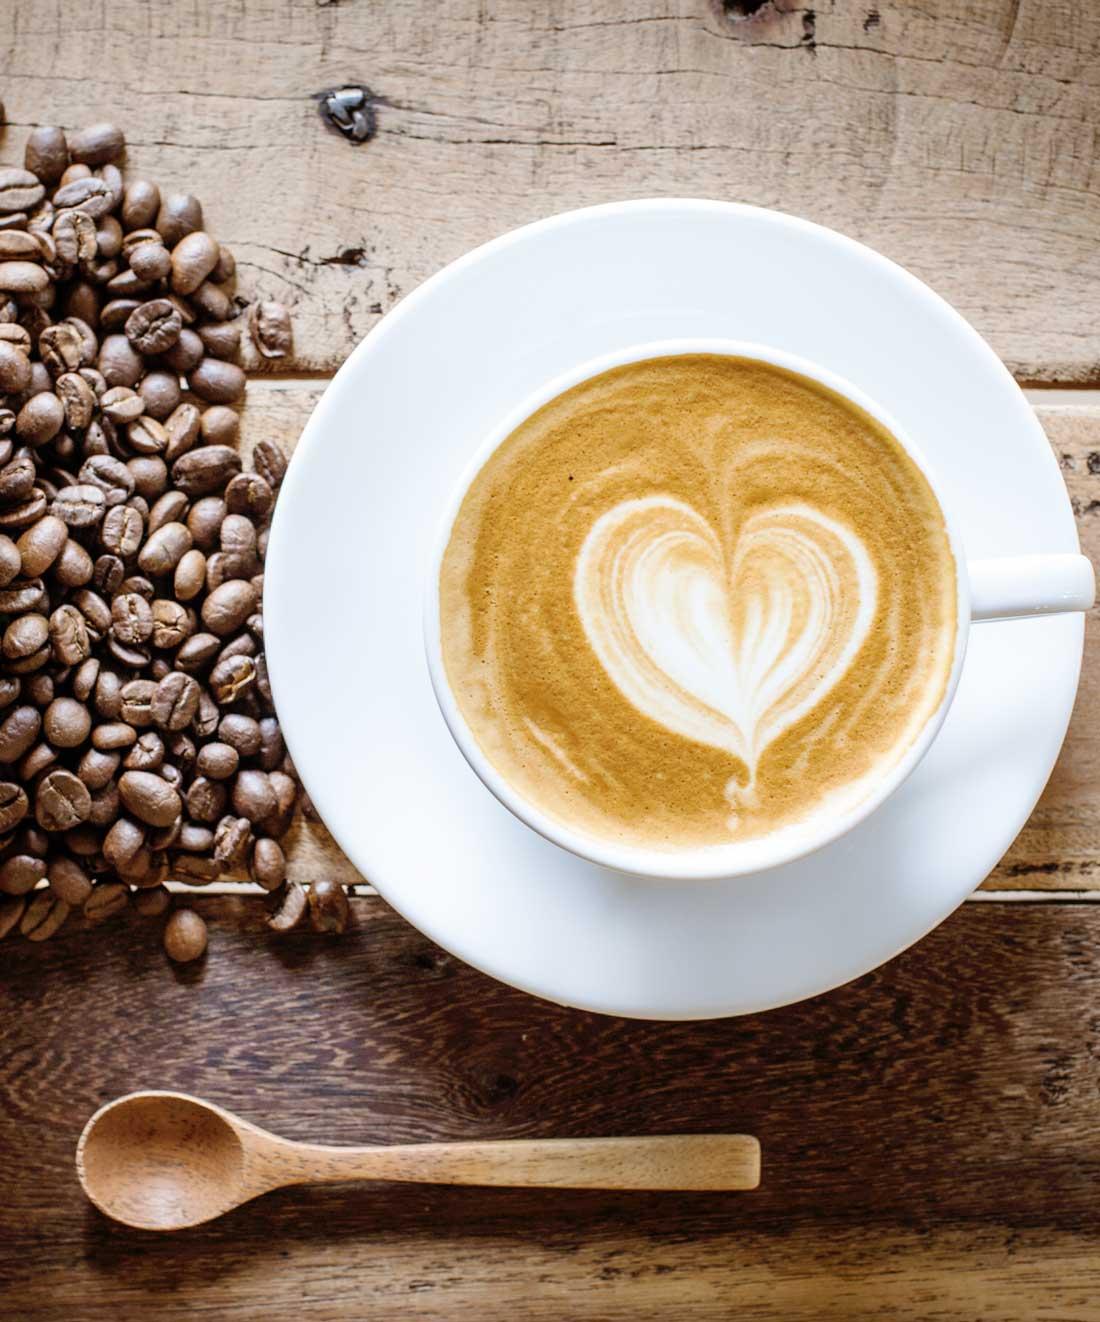 Voici le meilleur moment pour boire du café !